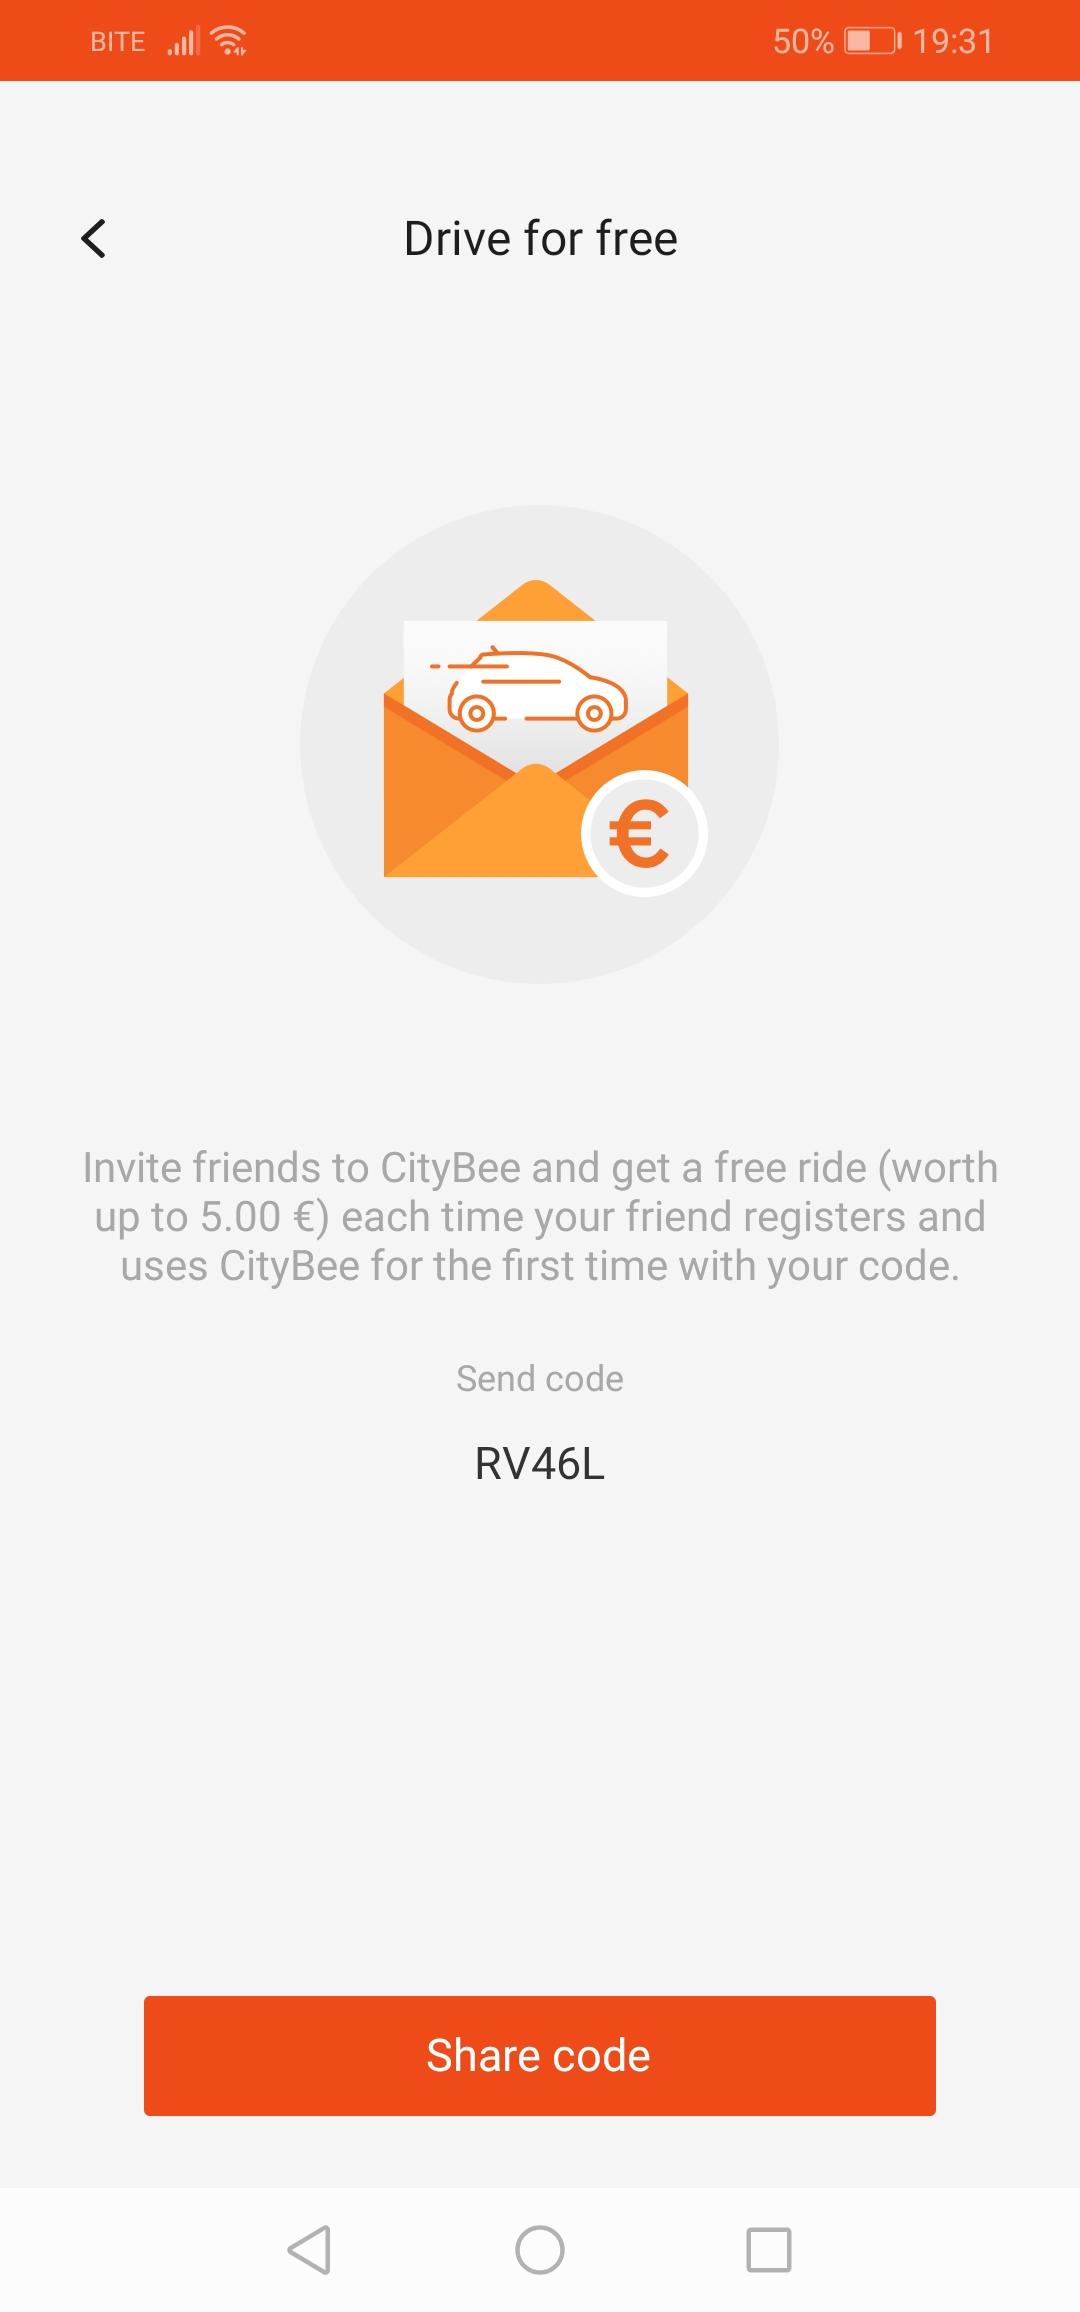 citybee promo code 2019